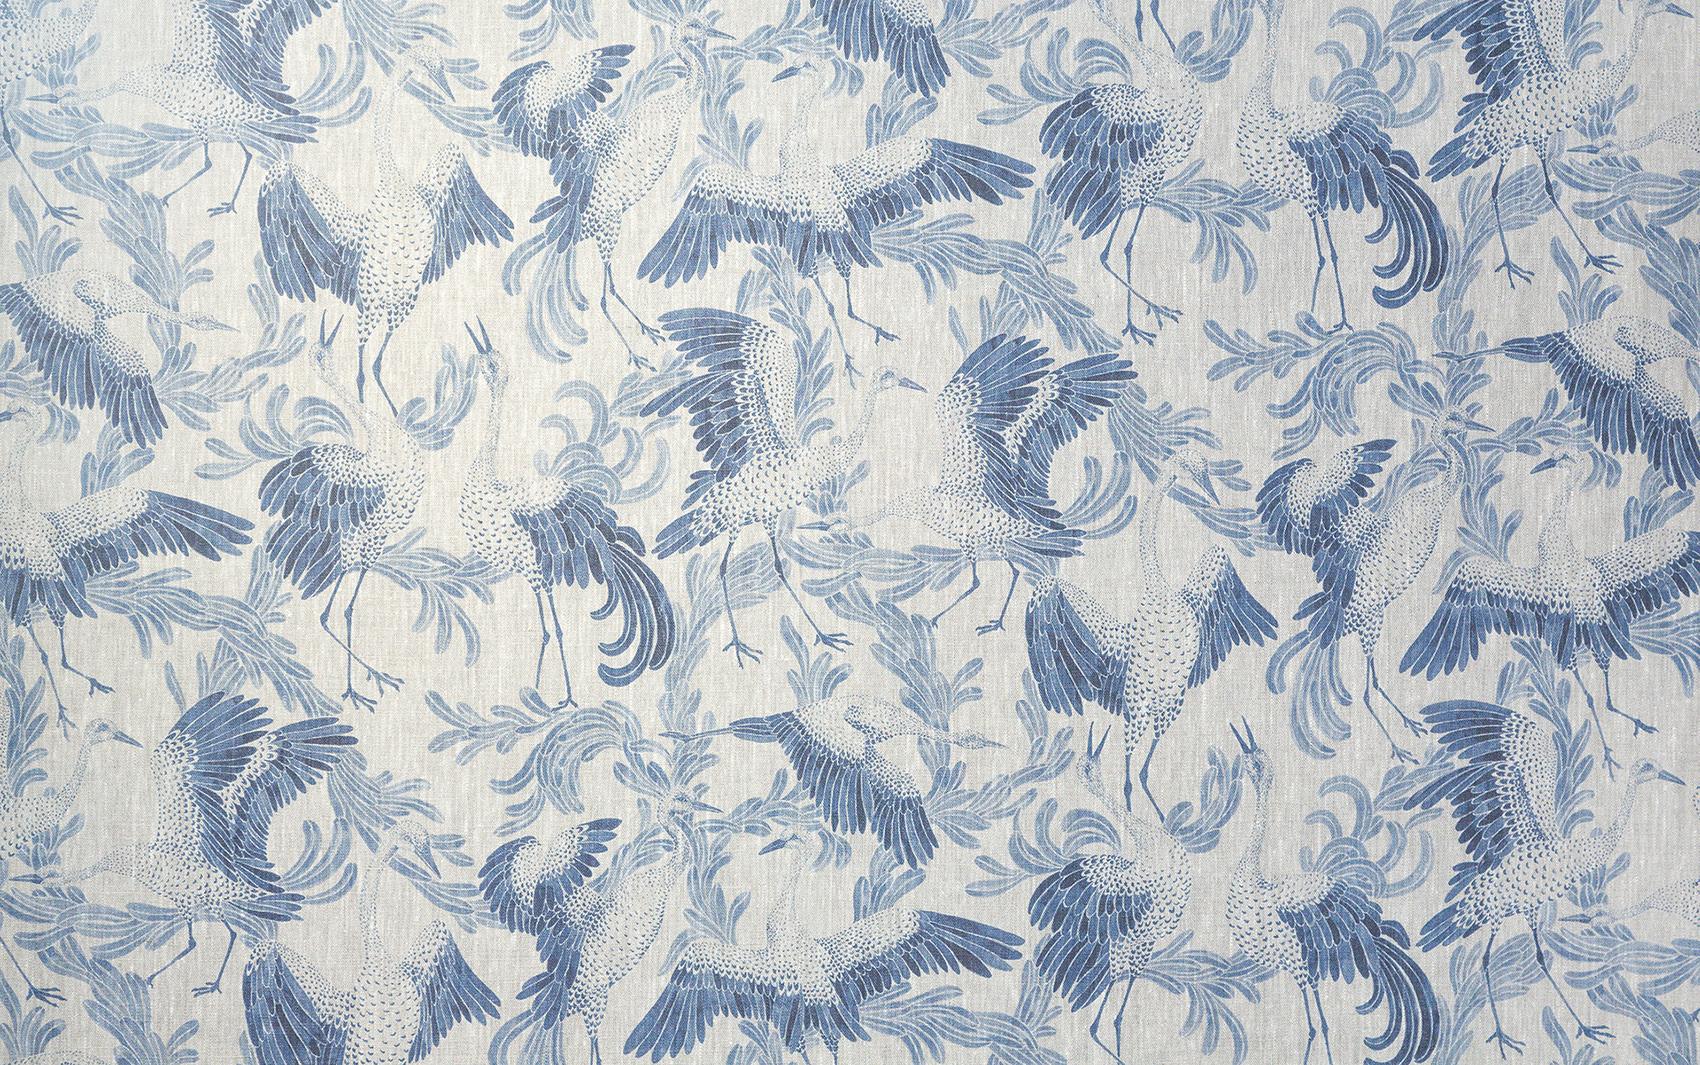 Mönstret Dancing Crane med dansande tranor i blått och vitt